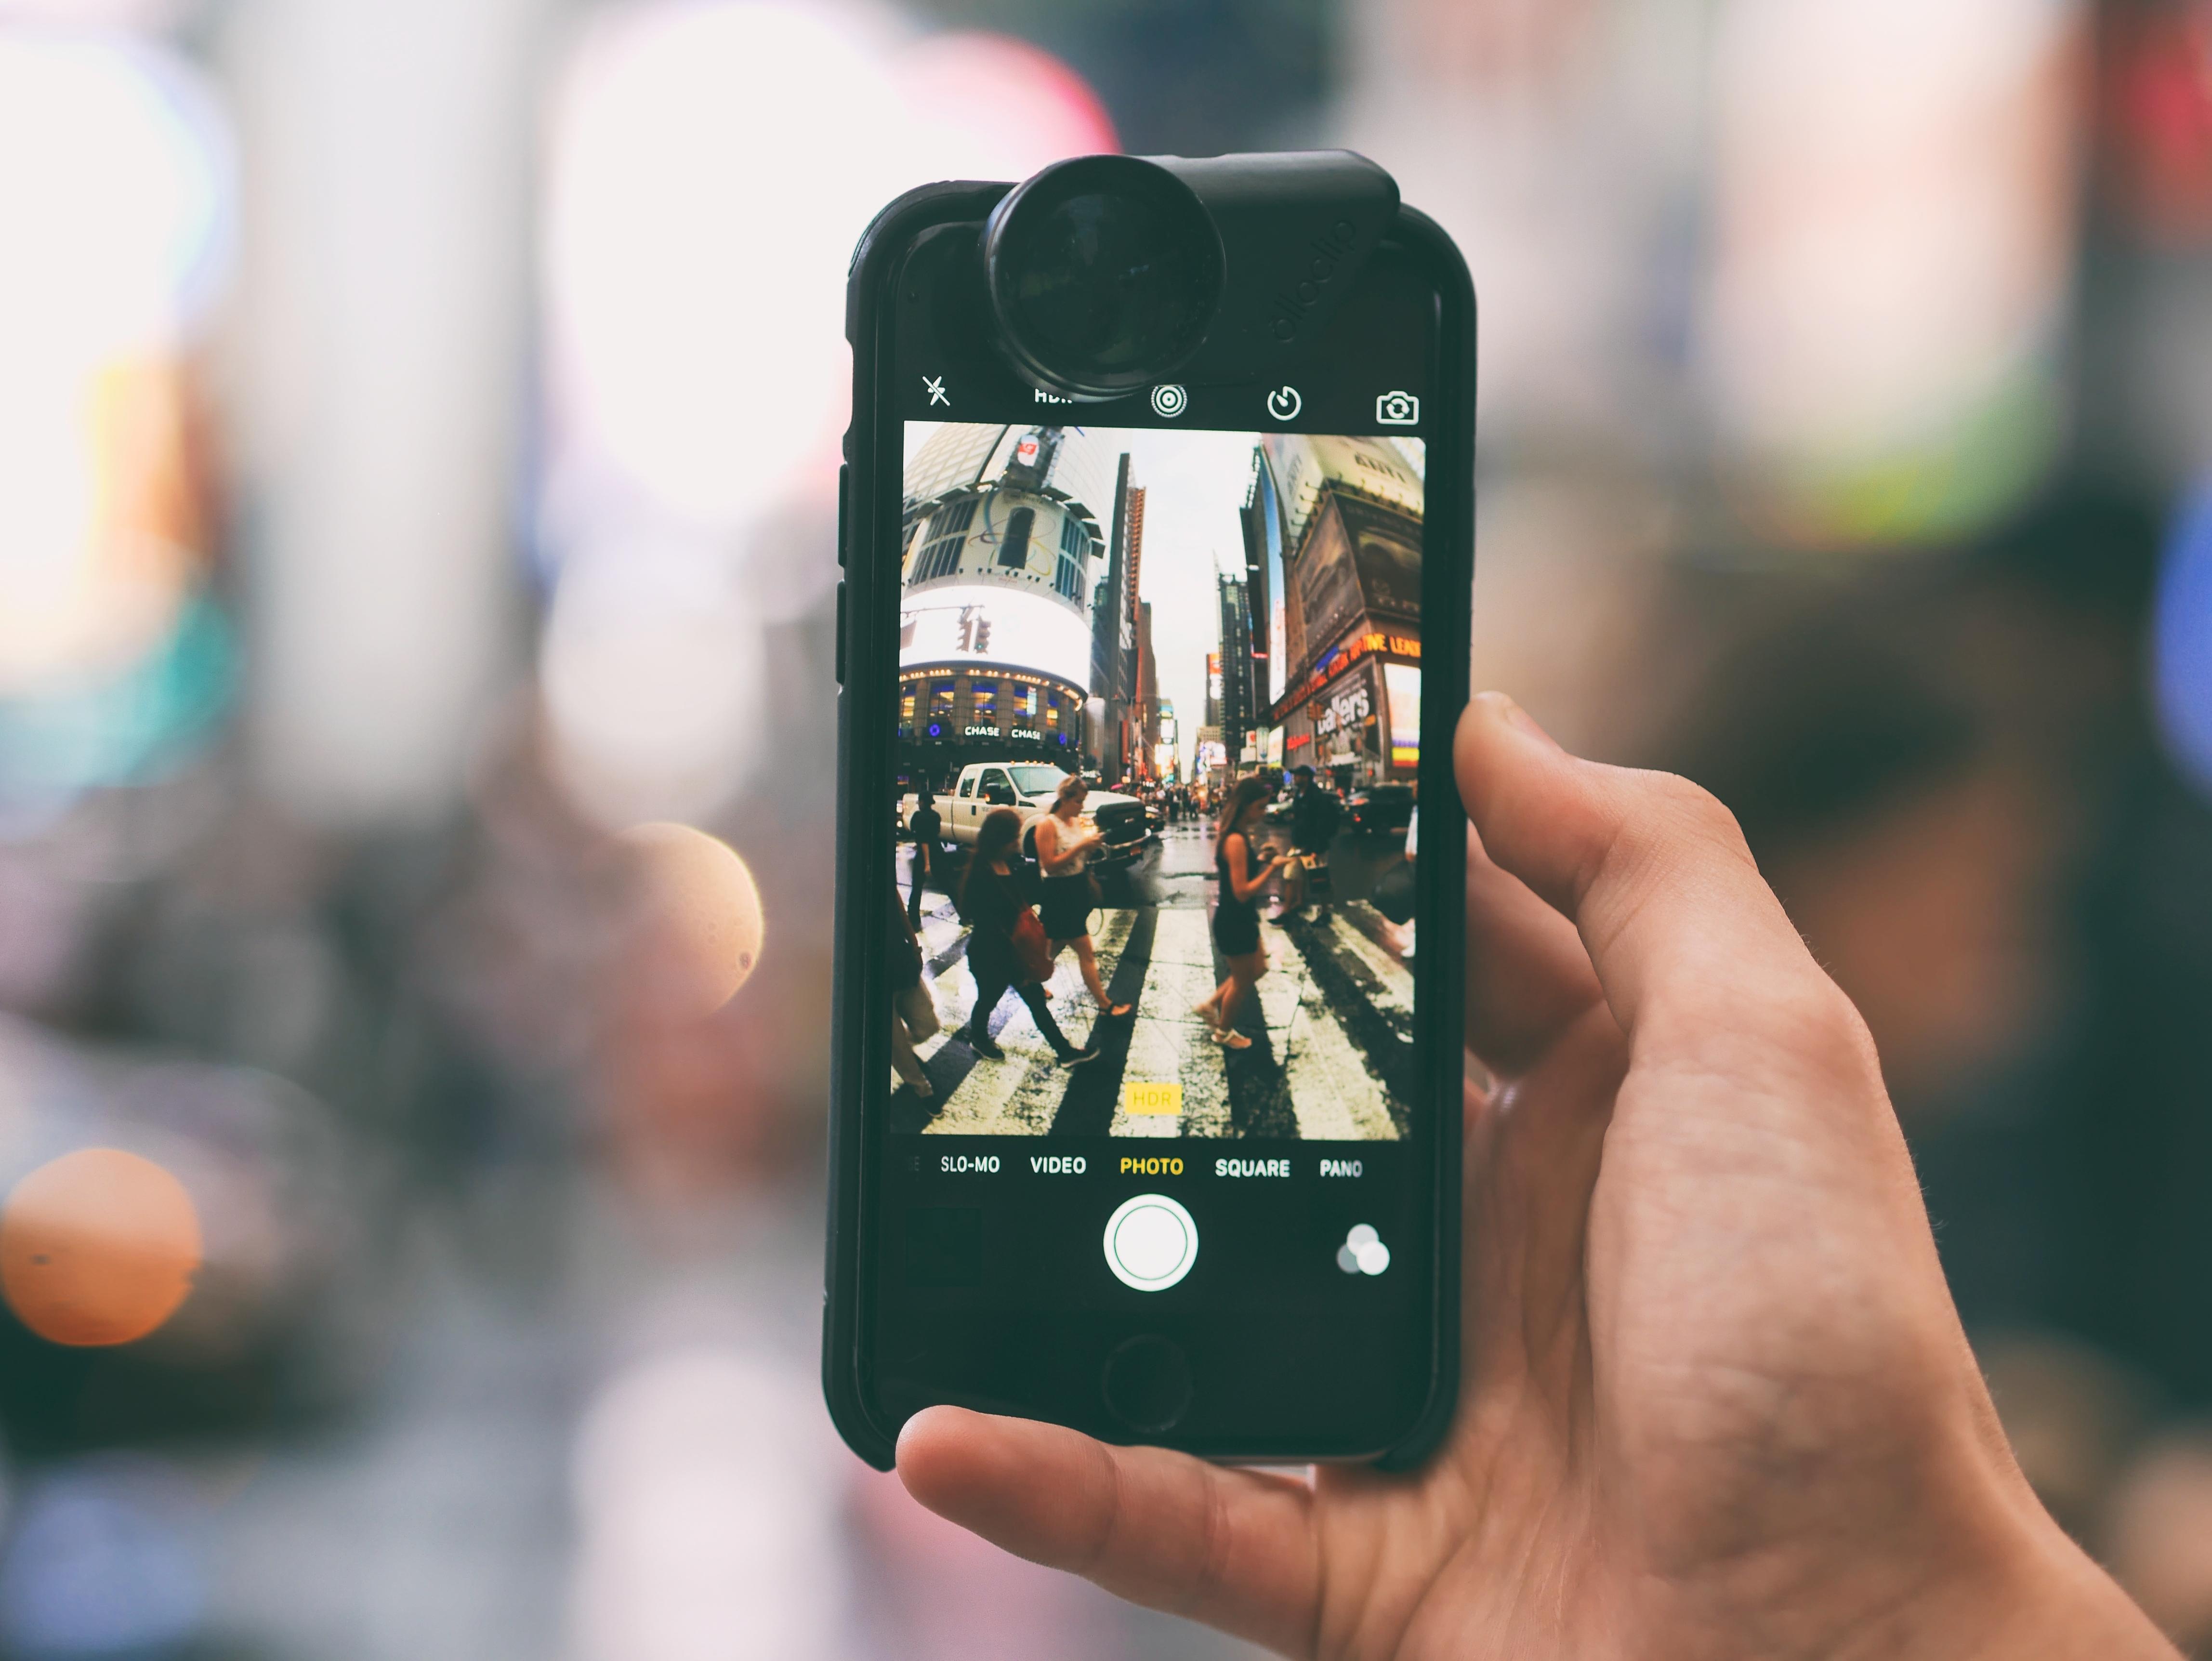 время было как сделать крутые фото на айфон человек вкусил прелесть